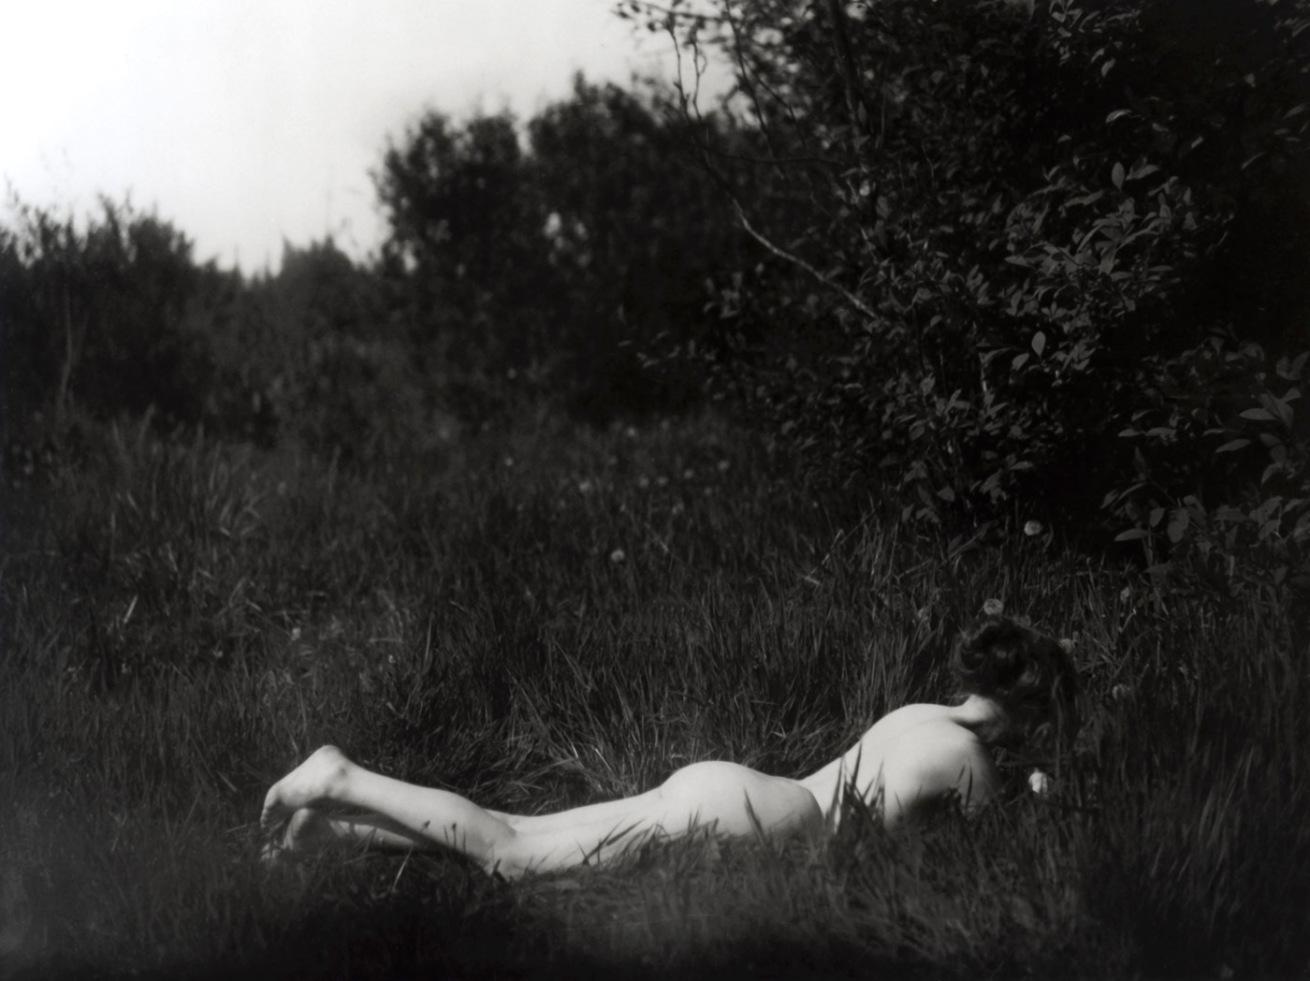 Fotó: Imogen Cunningham: Önarckép, 1906, Platinum print © The Imogen Cunningham Trust, 2012